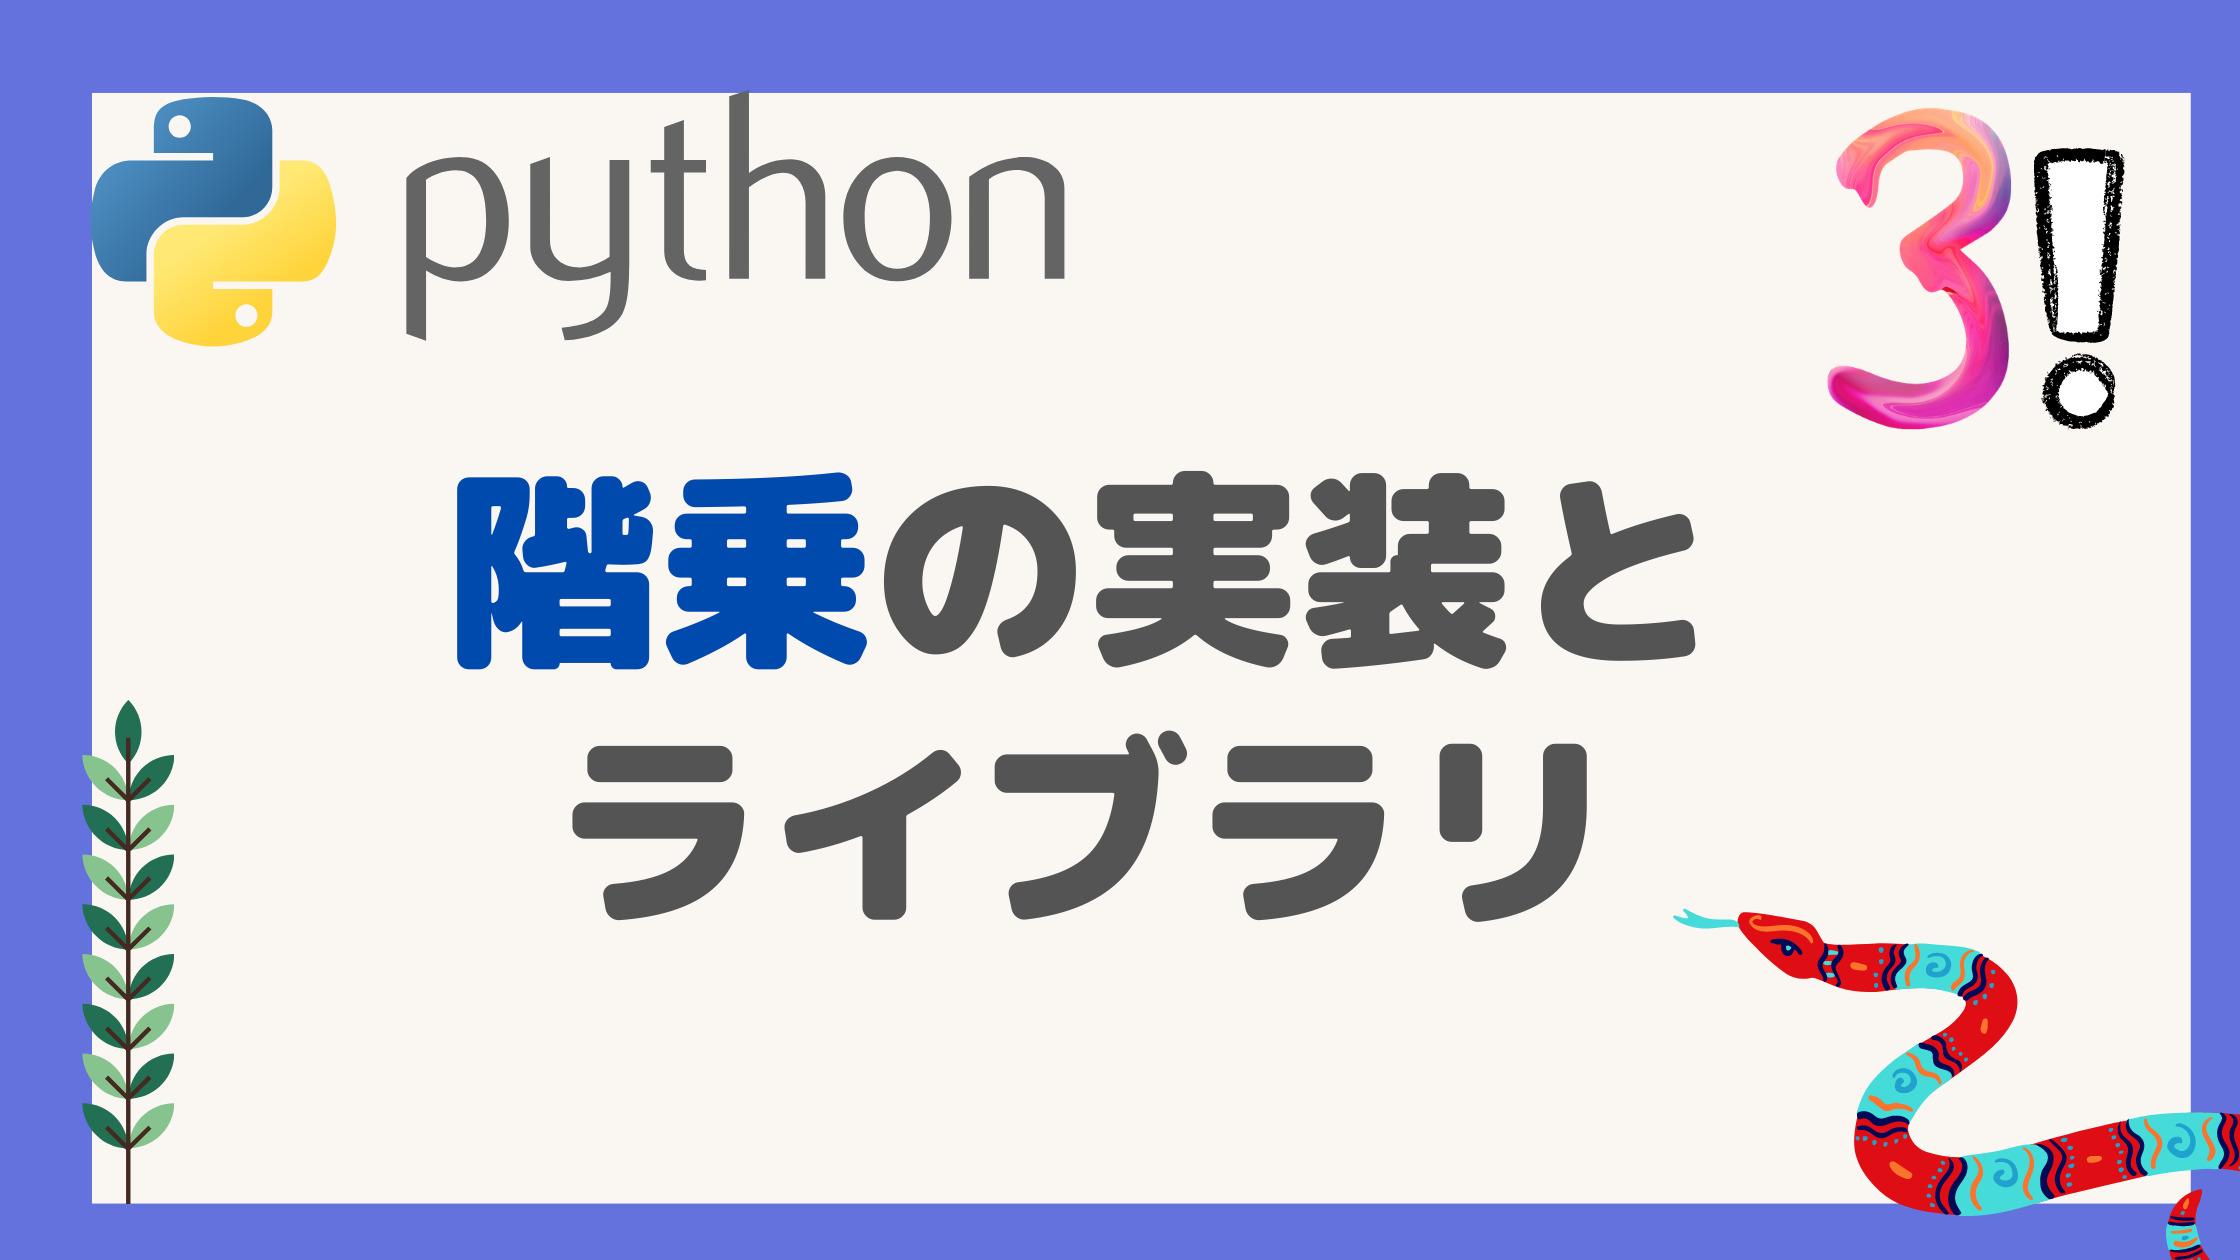 pythonの階乗のアイキャッチ